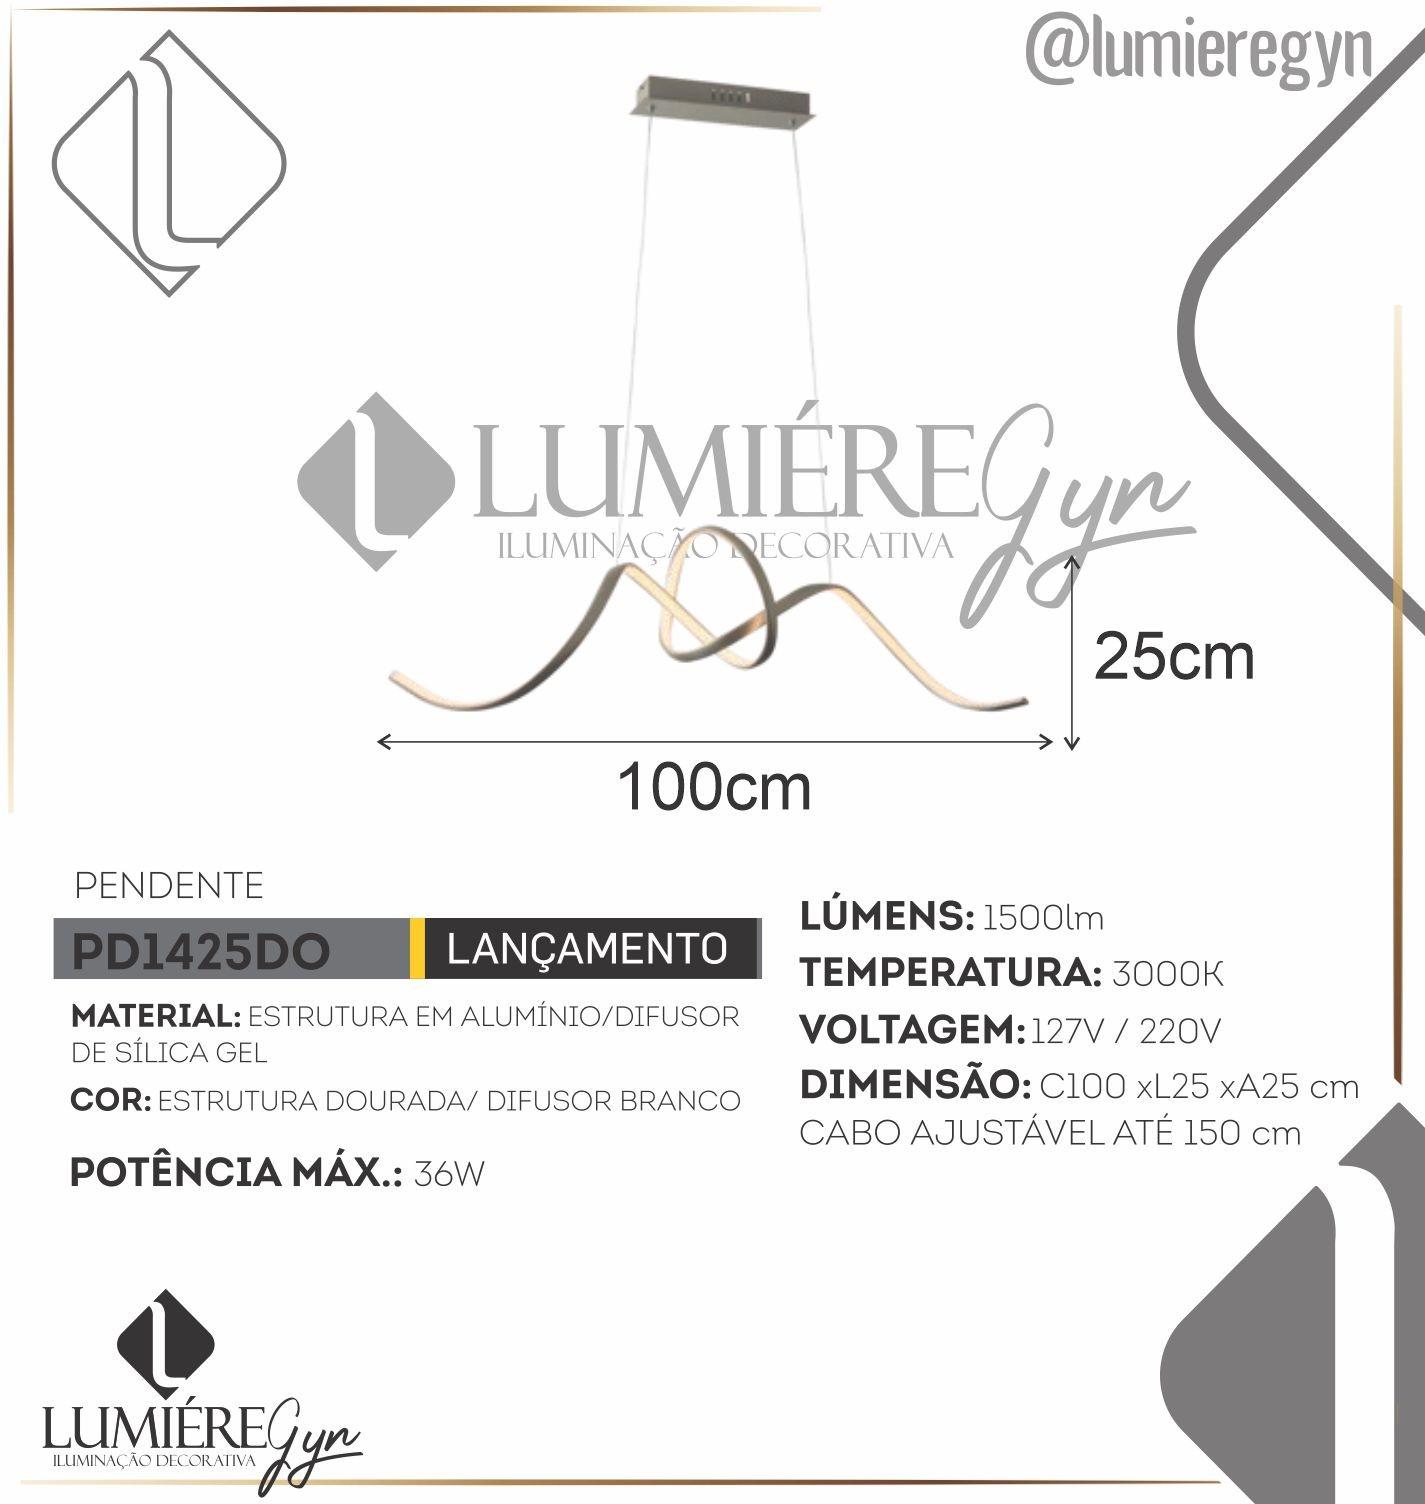 PENDENTE LACE DOURADO CASUAL LIGHT PD1425DO